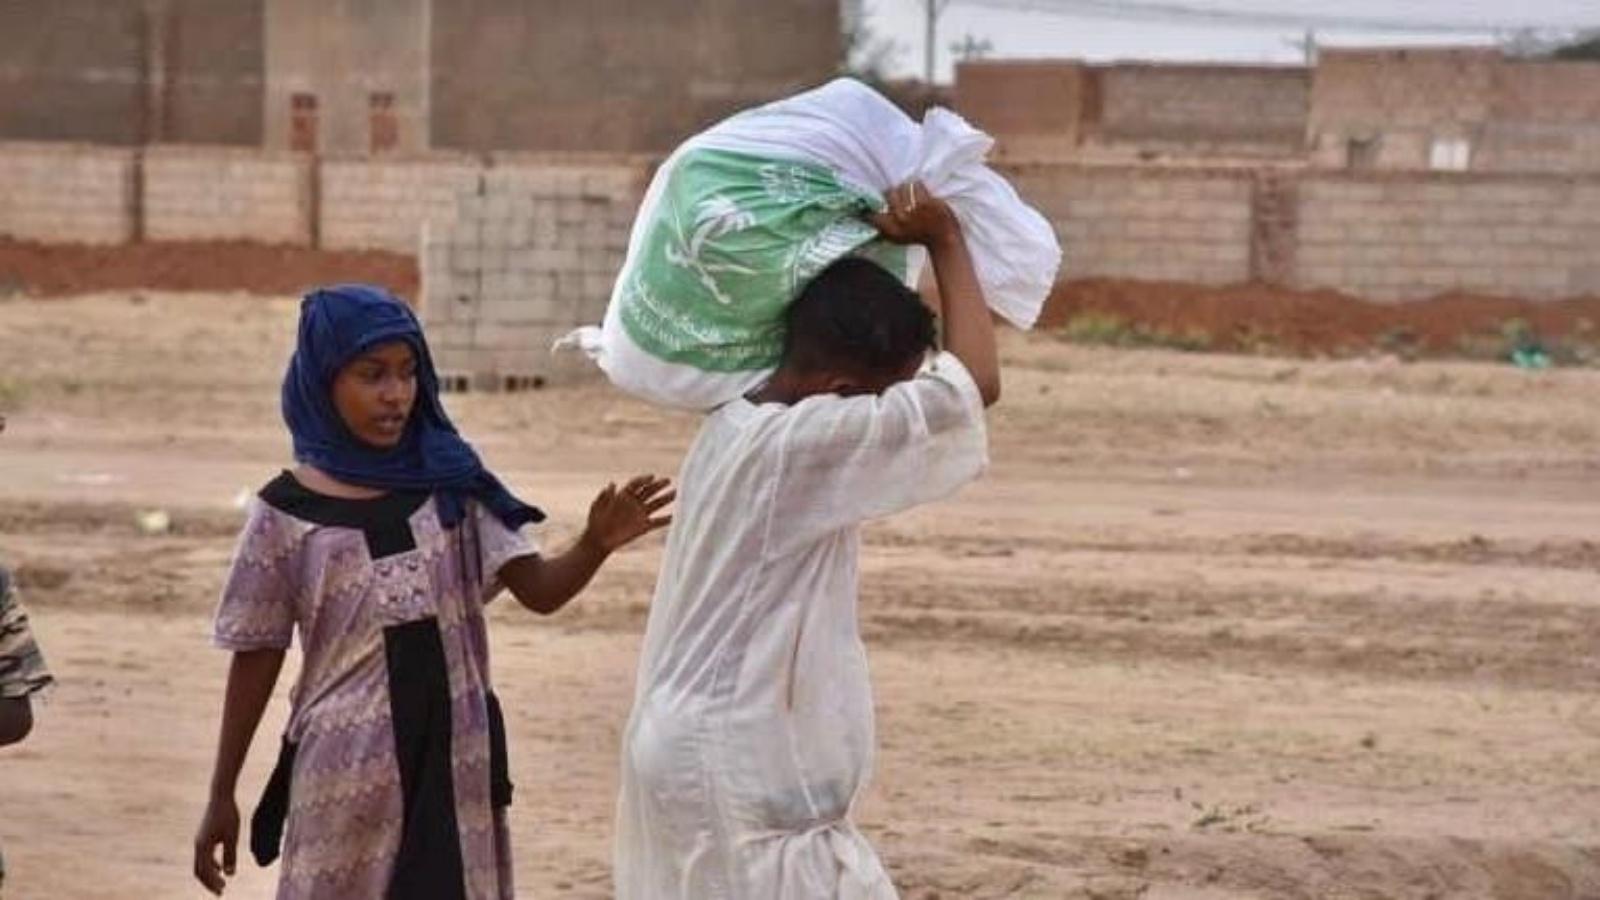 السعودية نيوز |  مركز الملك سلمان للإغاثة: توزيع السلال الغذائية لمتضرري سيول السودان